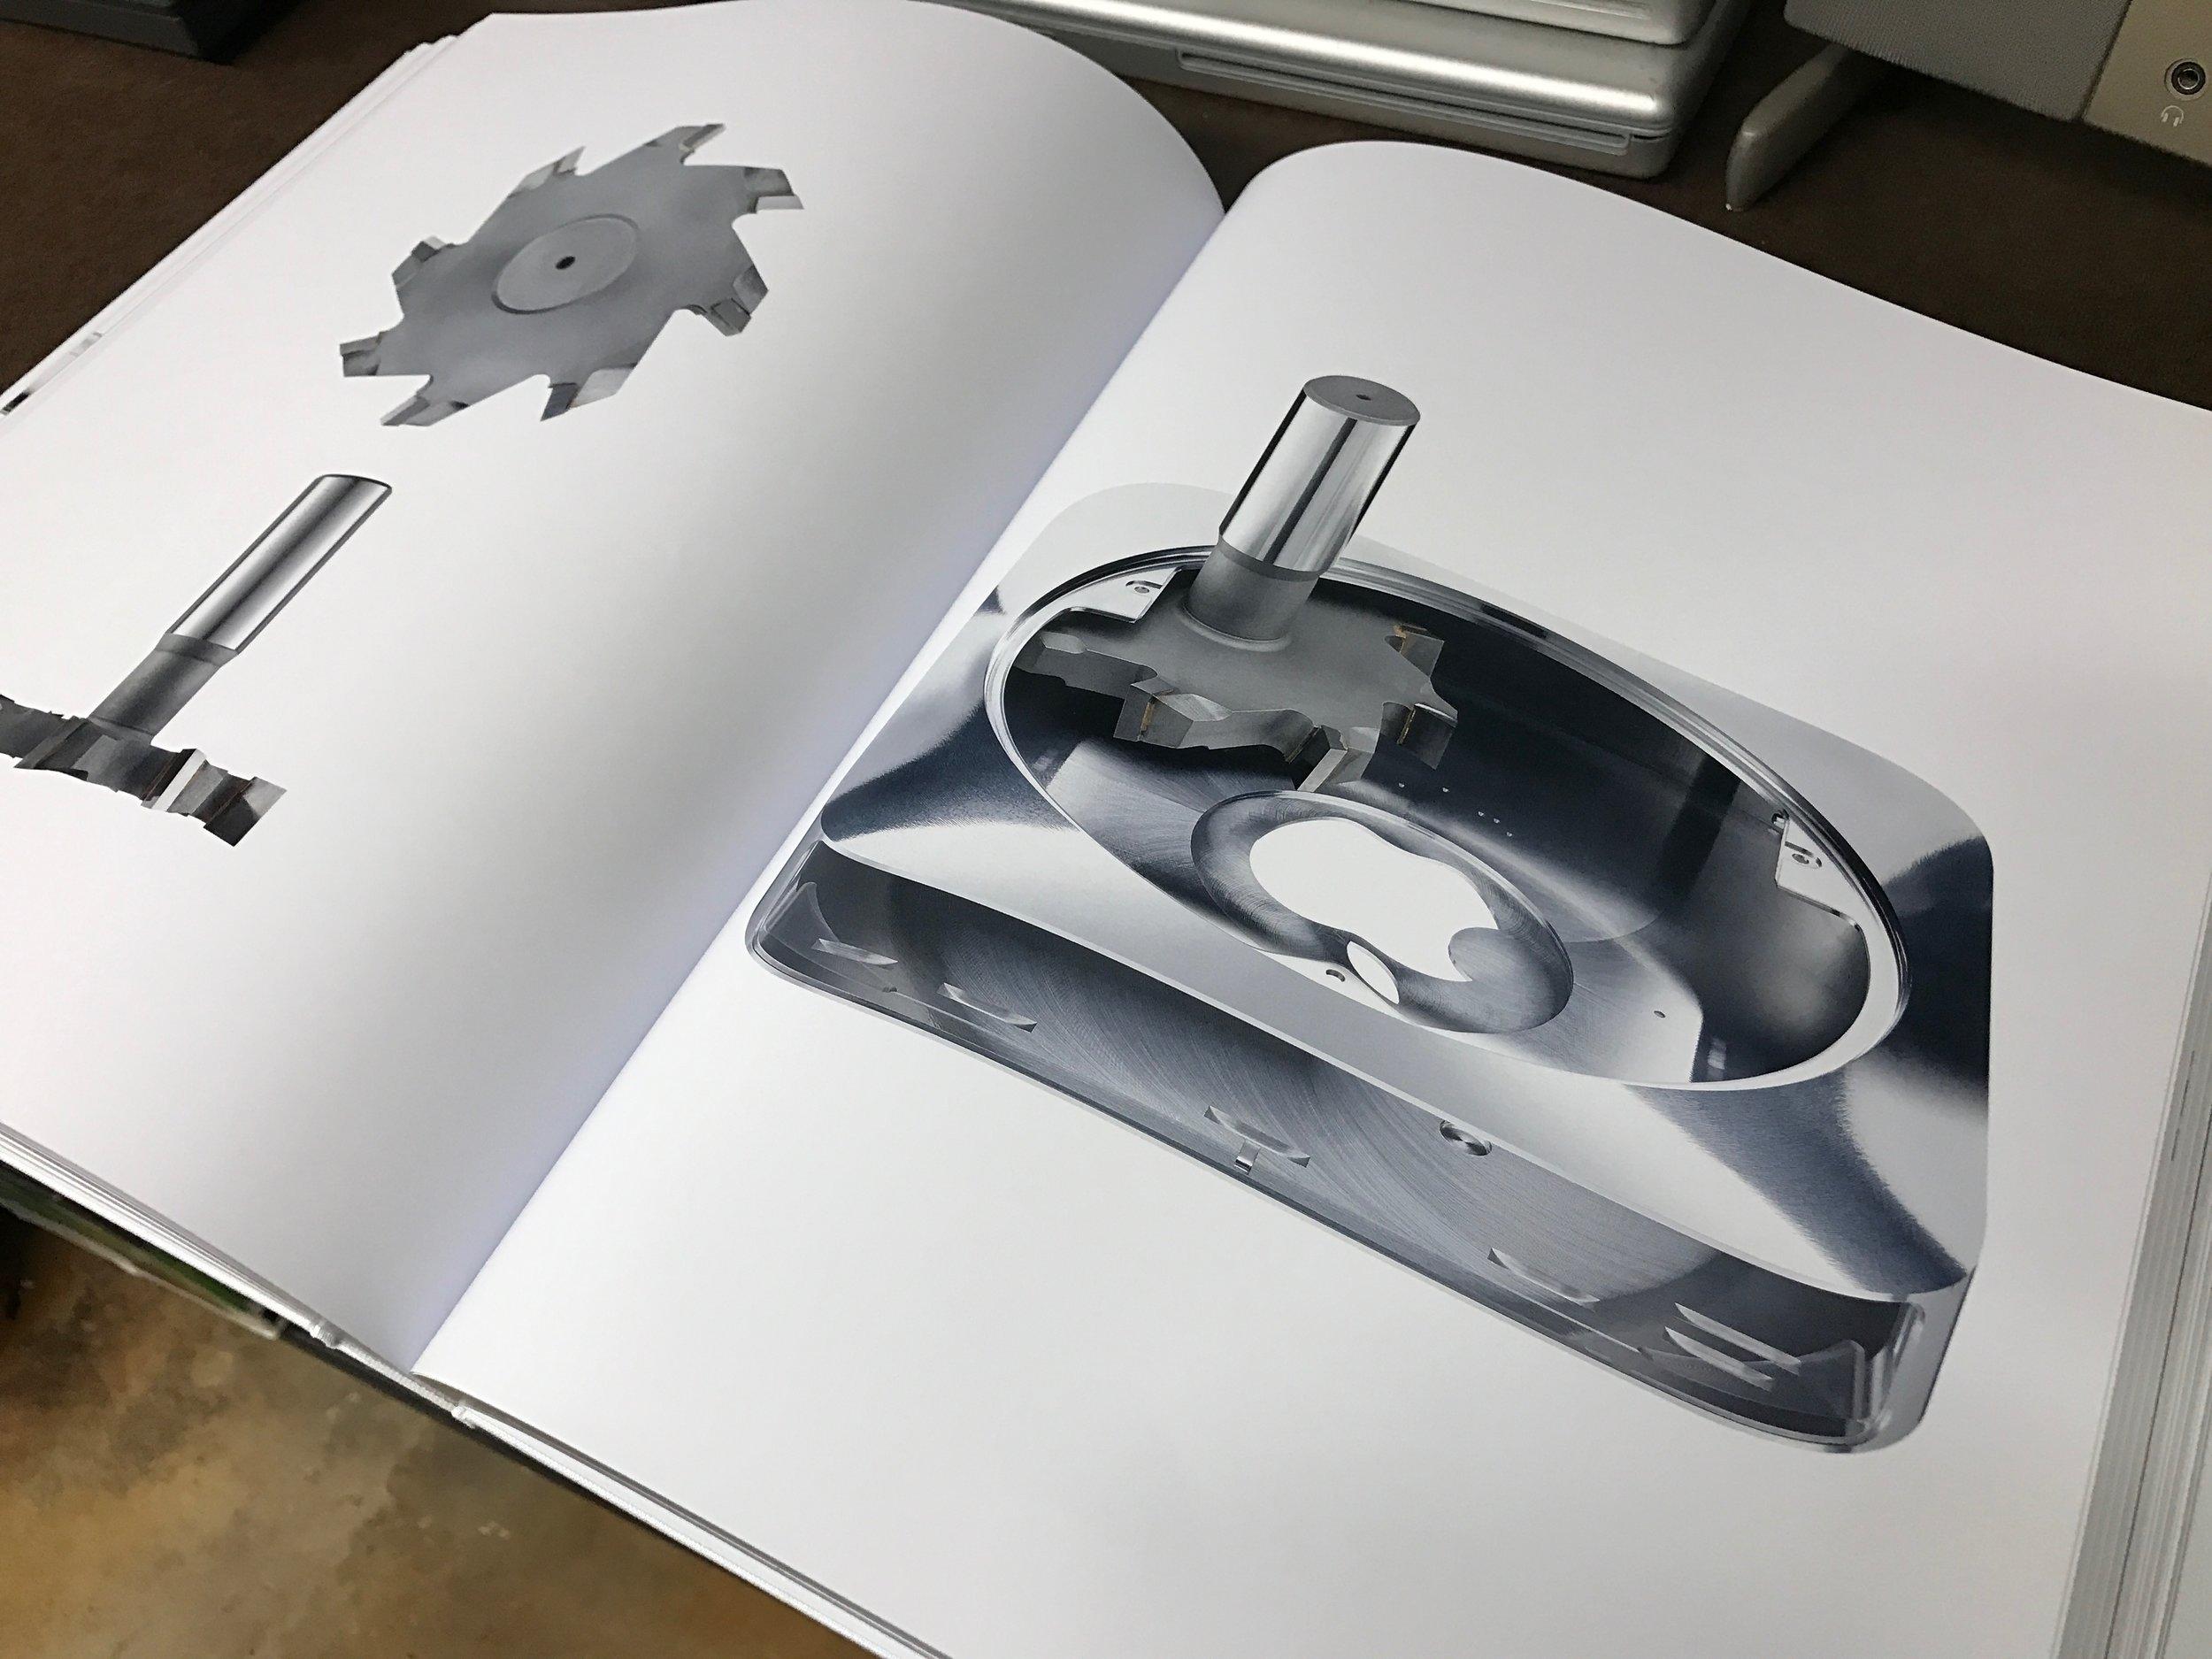 Mac mini manufacturing